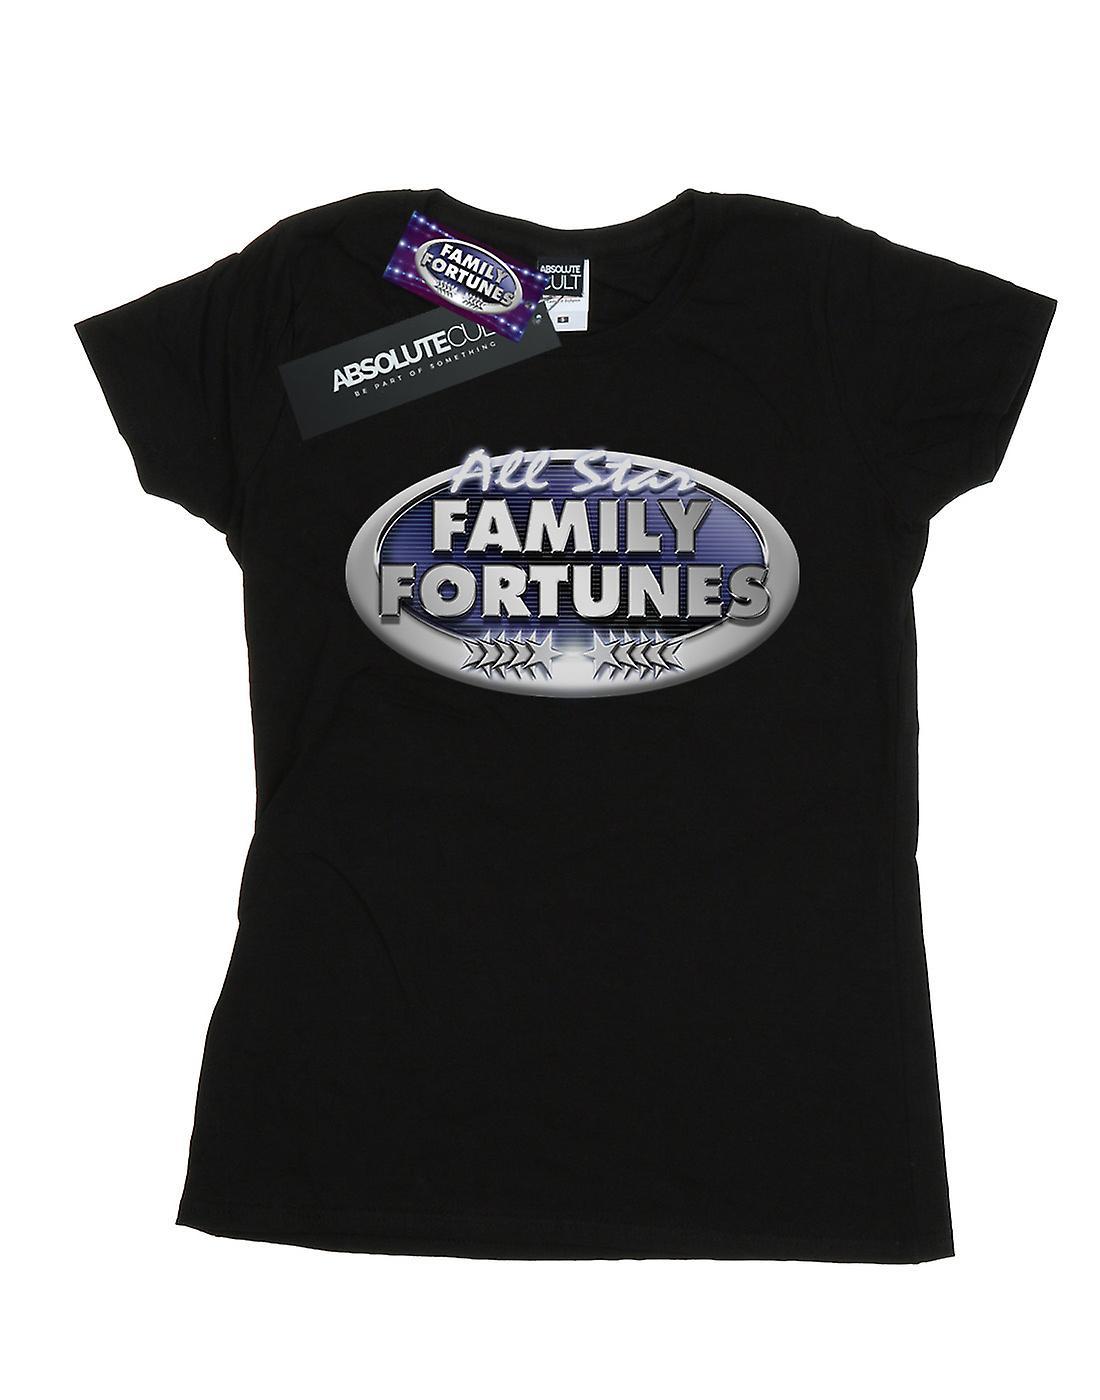 Family Fortunes Women's All Star Logo T-Shirt